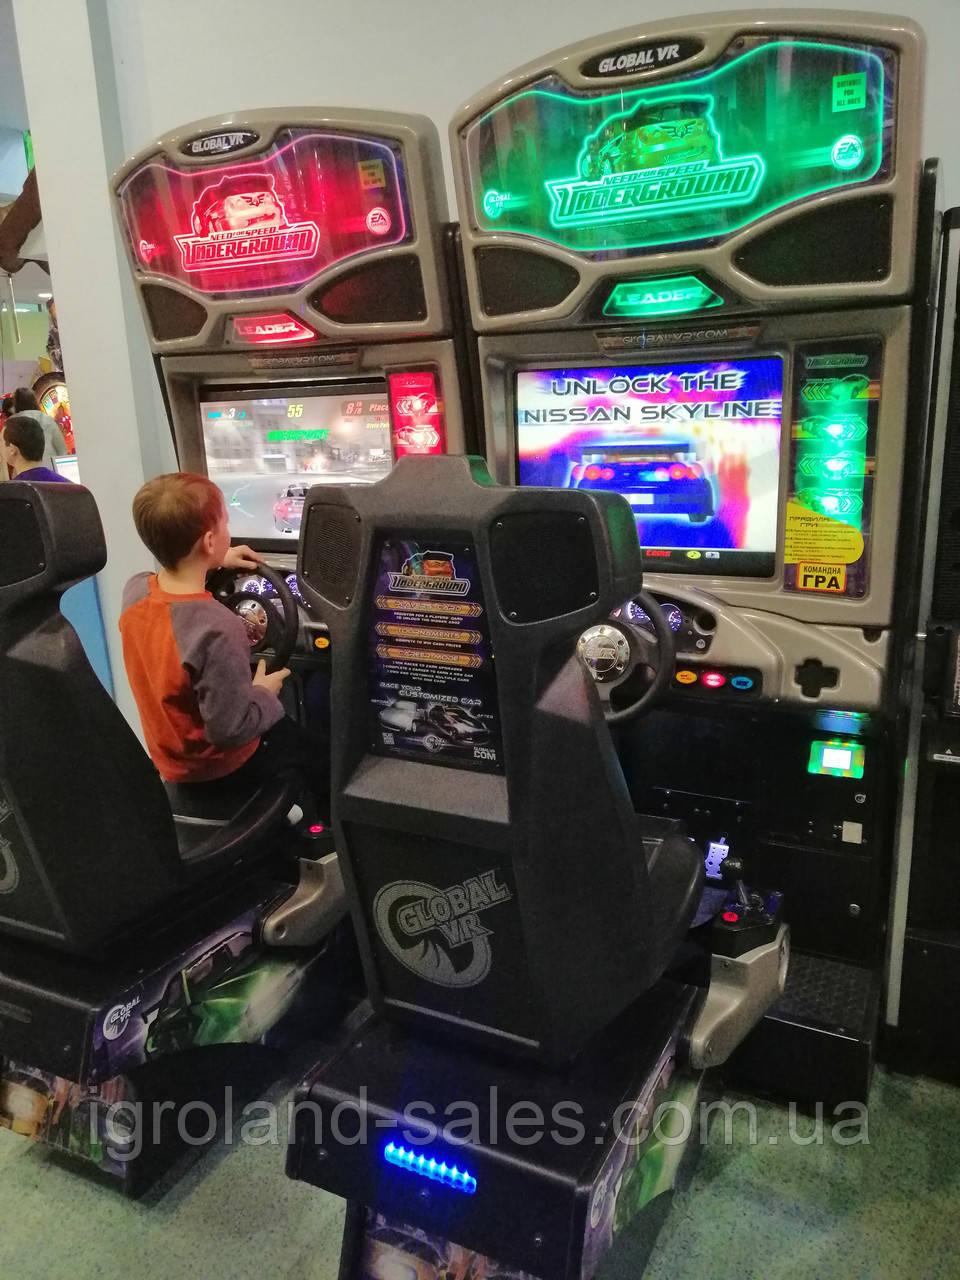 Игровые аппараты онлайн на деньги